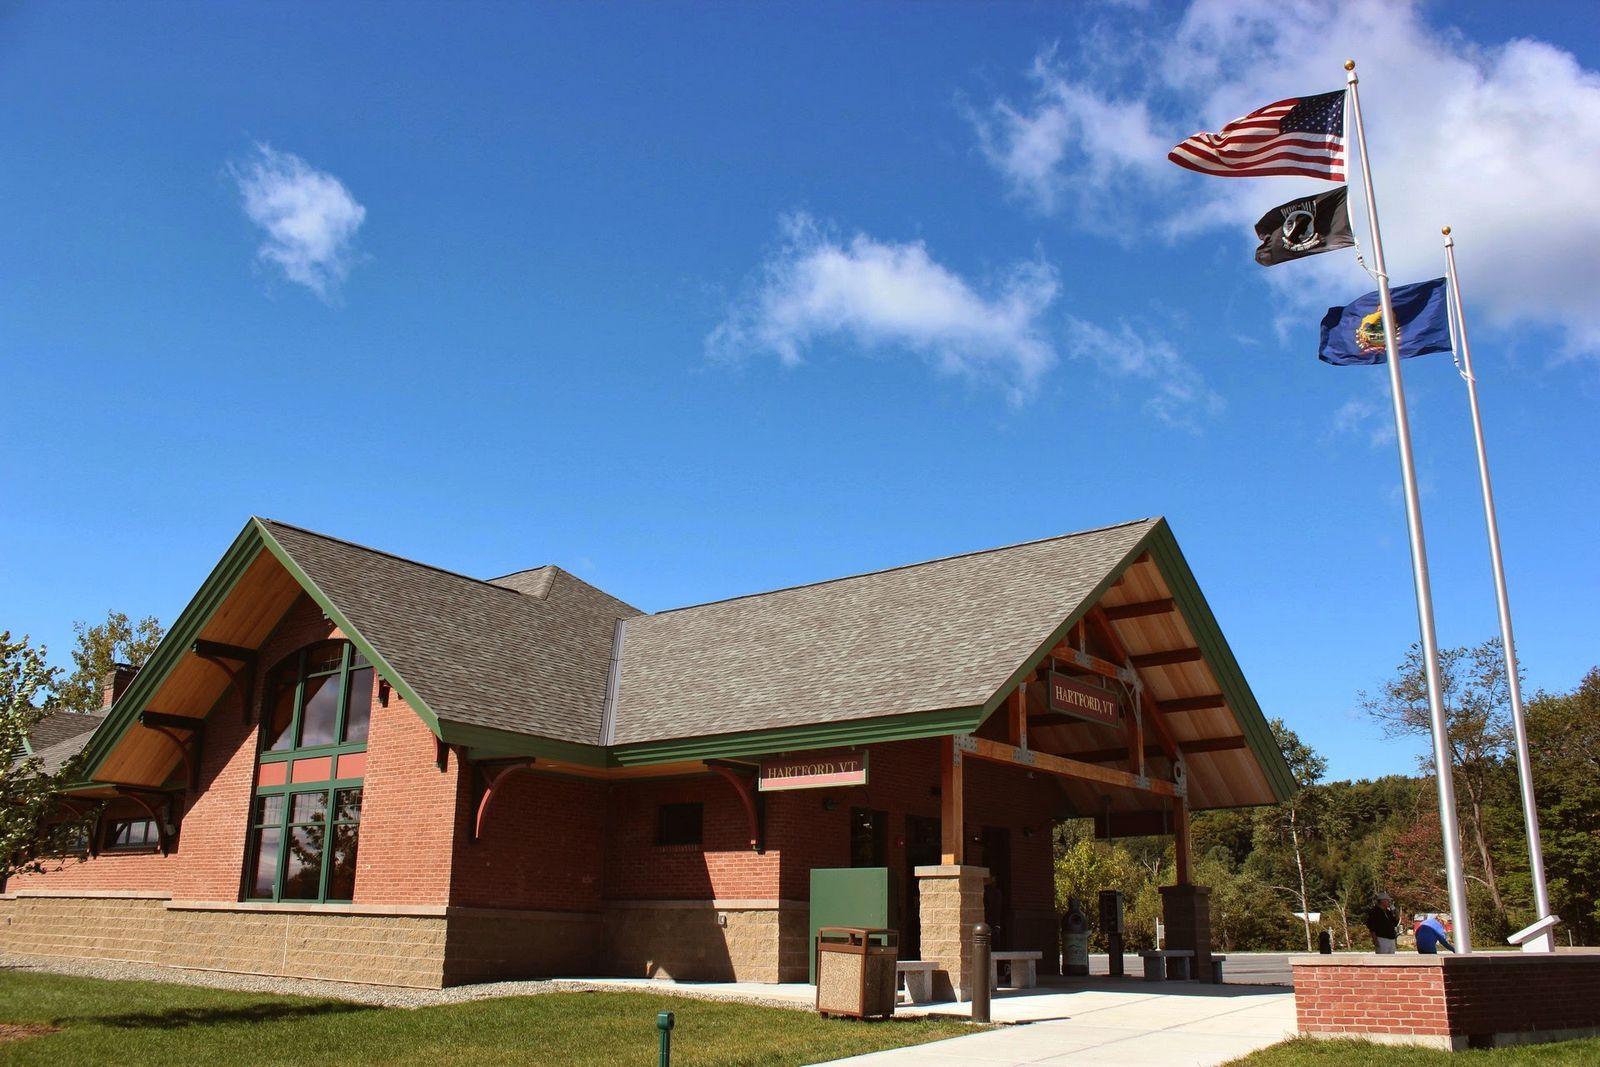 Centro de visitantes de Vermont